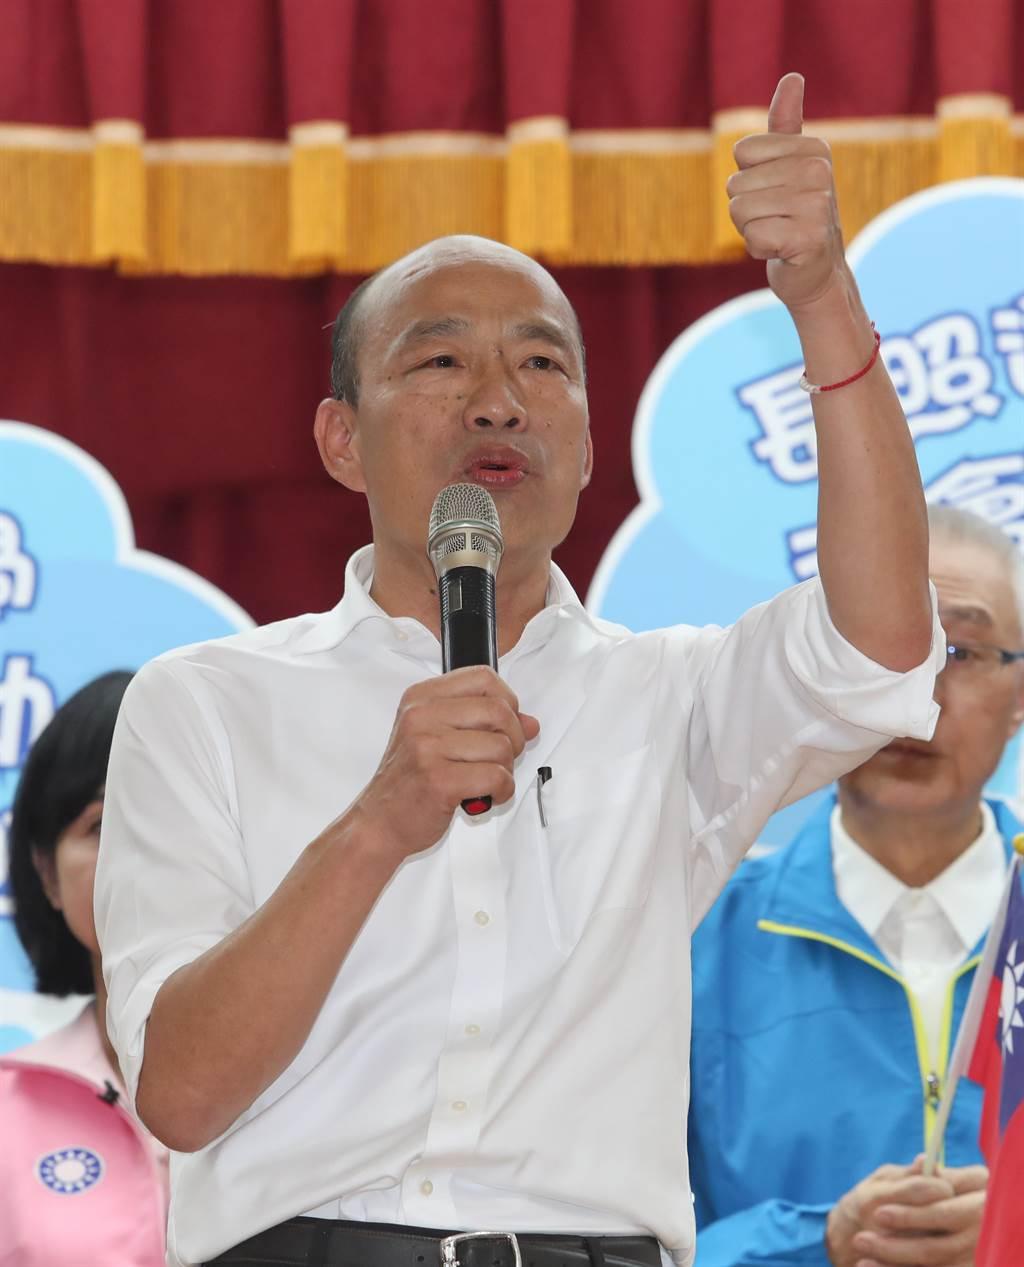 國民黨總統候選人婦女後援會成立大會17日在新北市三重小巨蛋舉行,國民黨總統參選人韓國瑜(圖)上台致詞。(劉宗龍攝)